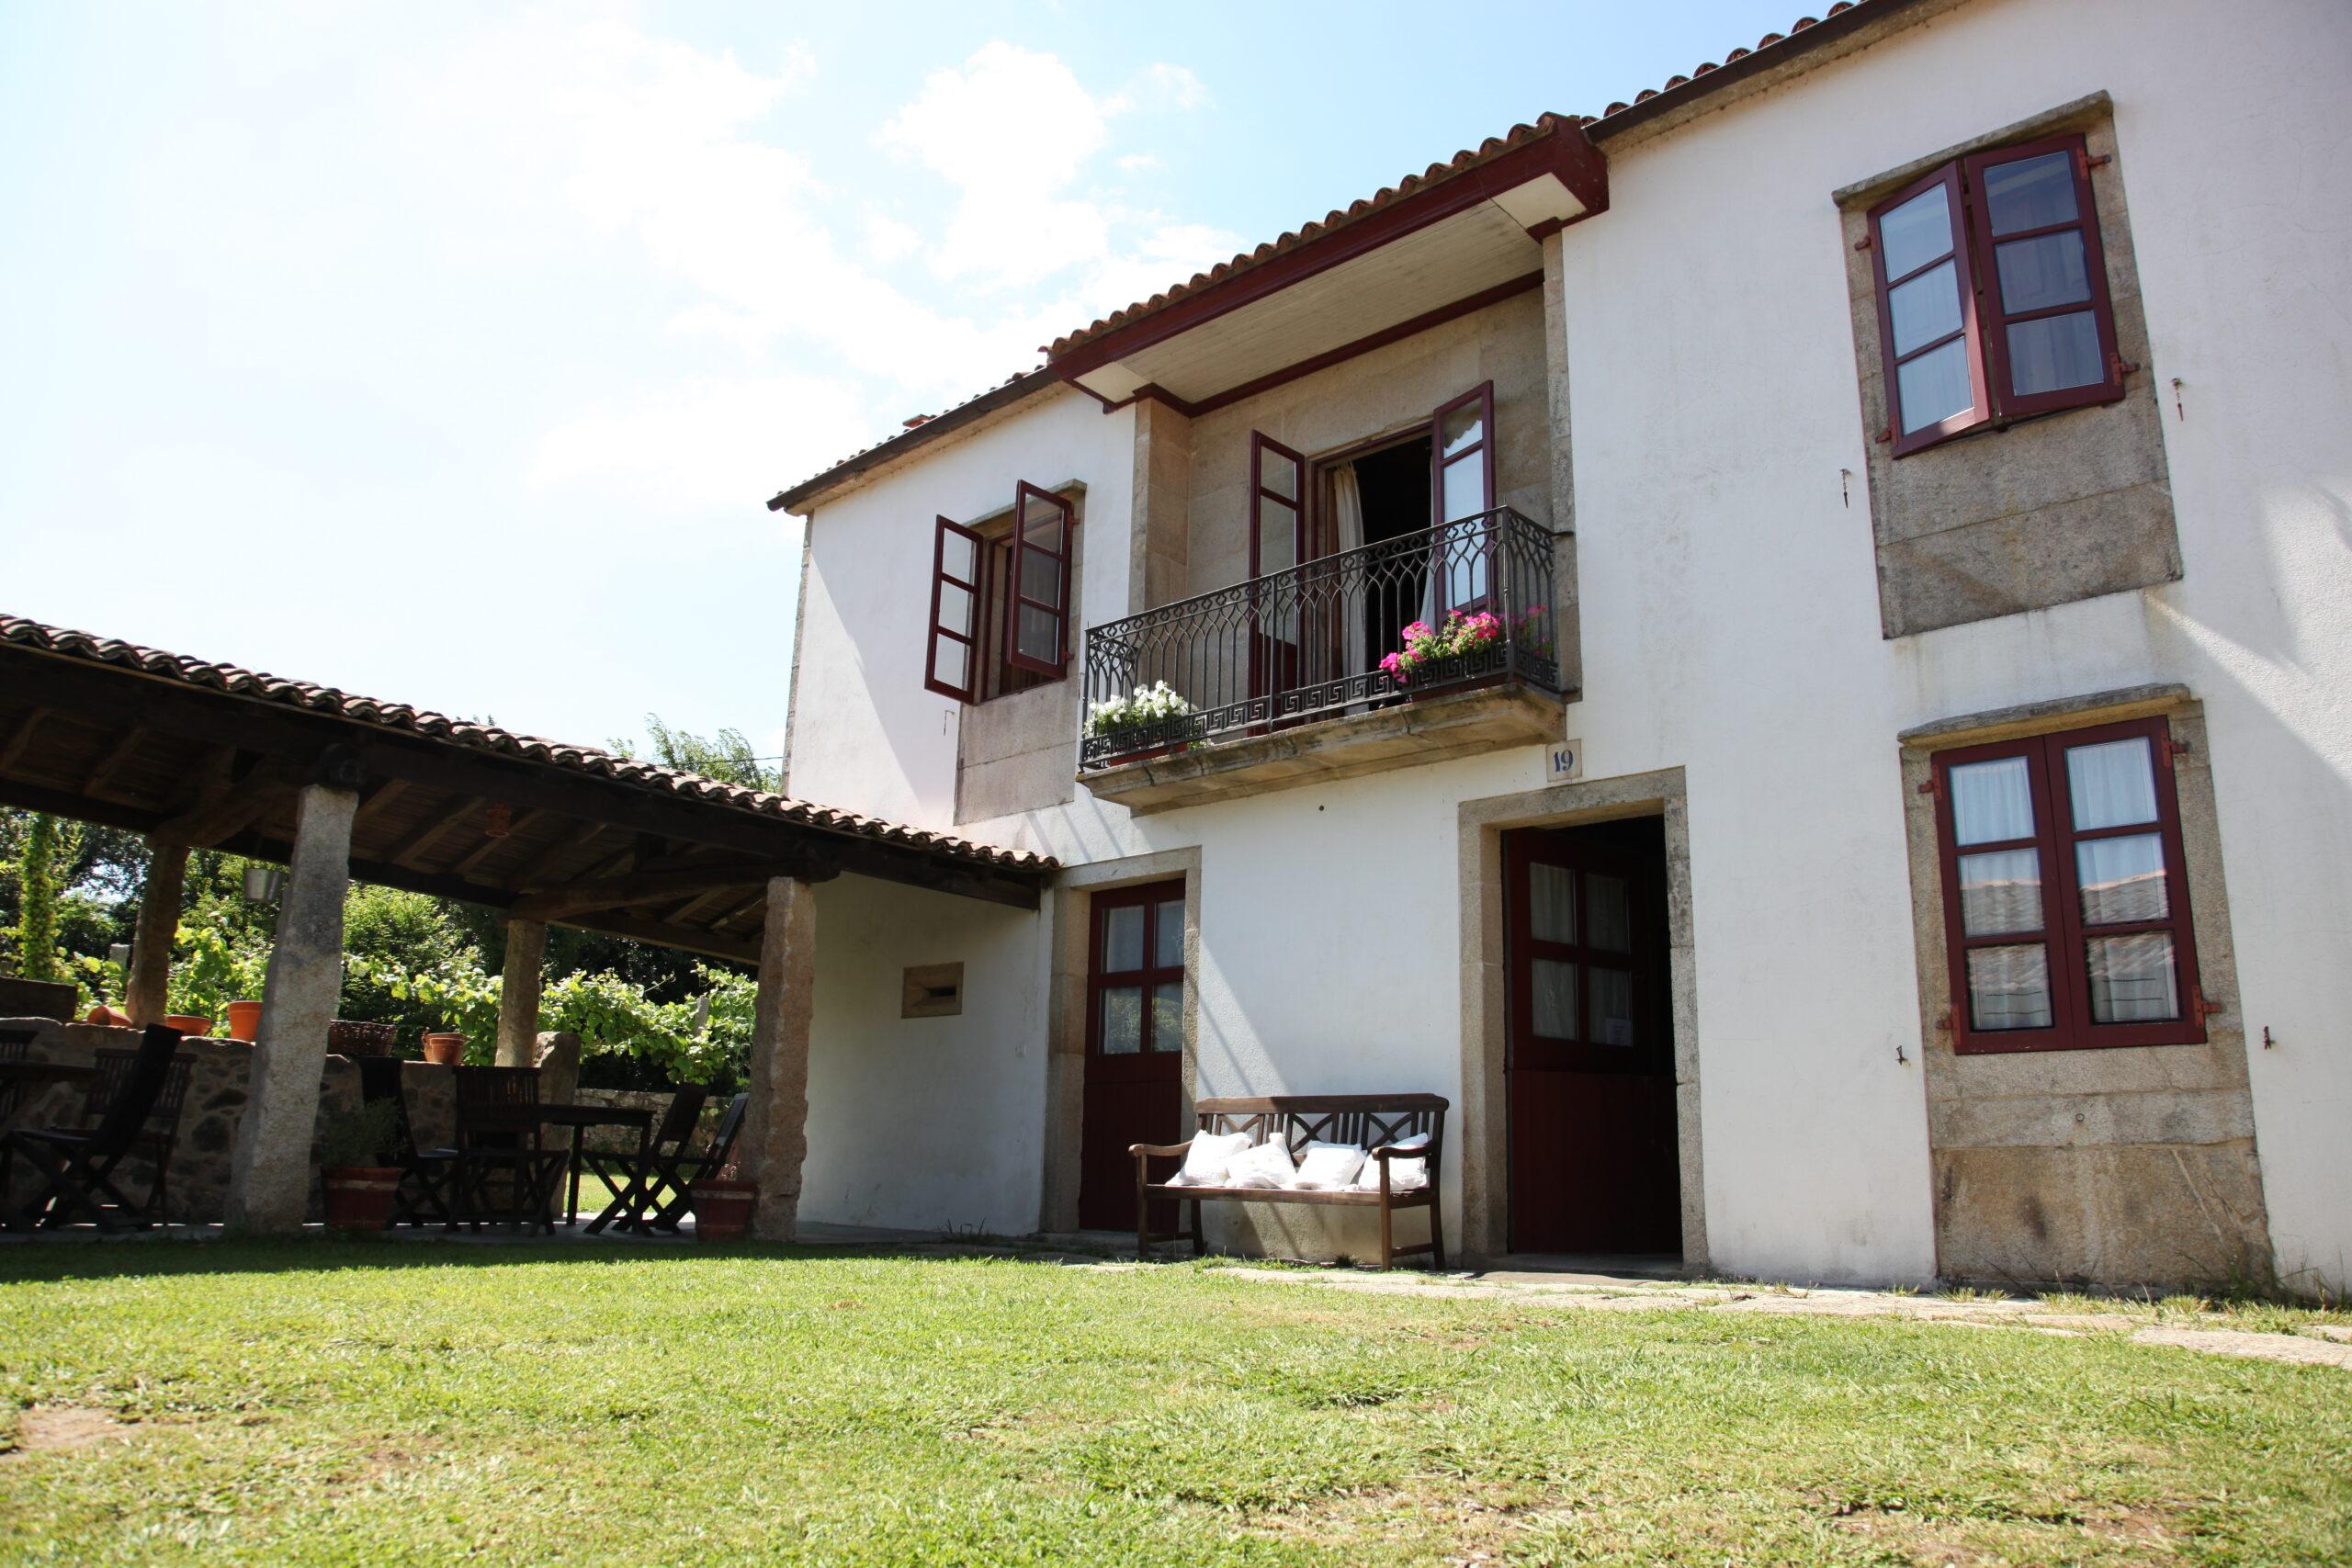 Casa de Roque Turismo rural de Galicia (Outes - A Coruña)